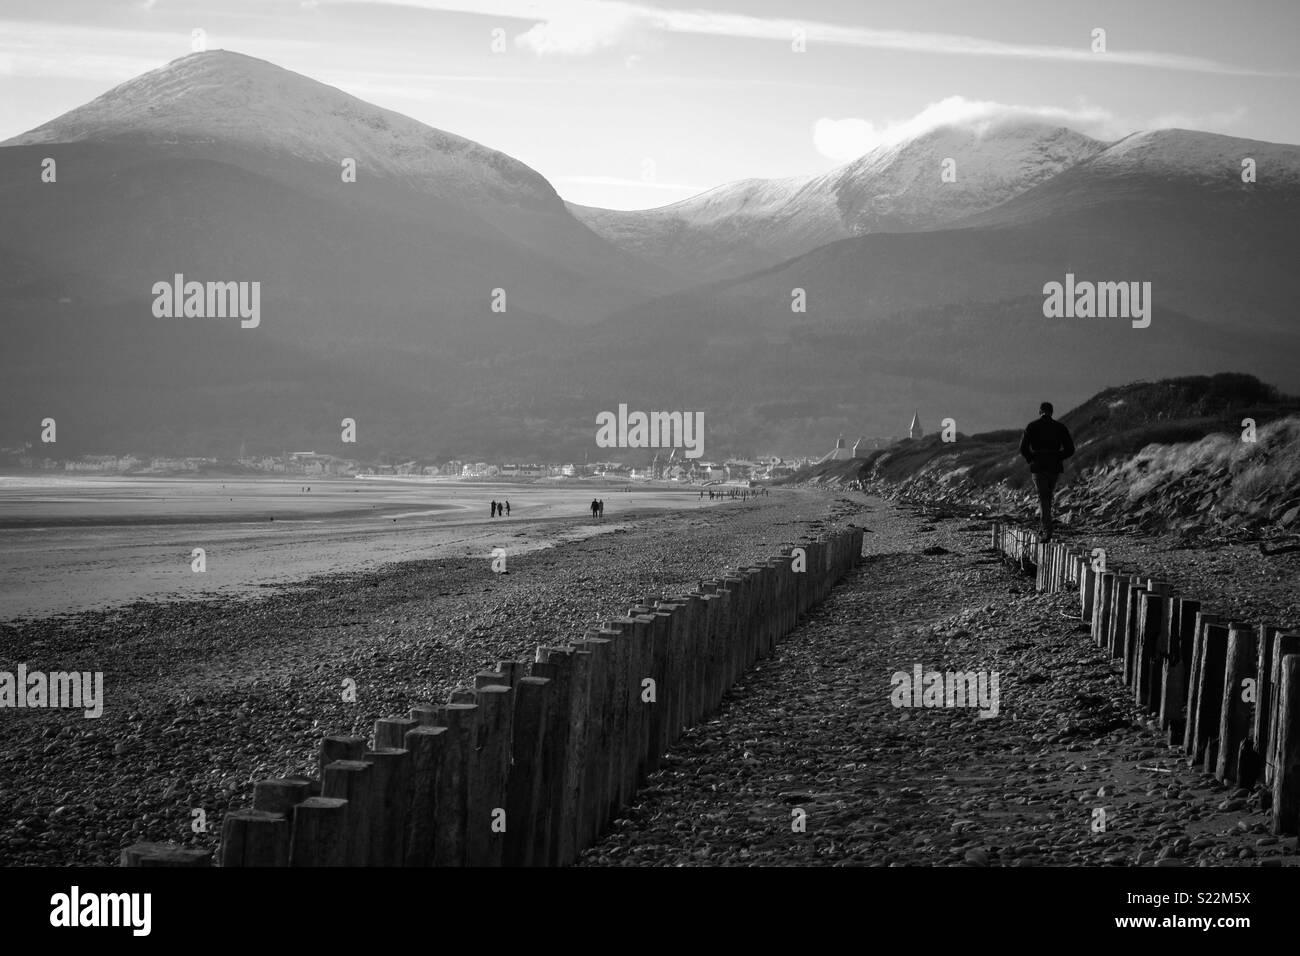 Esta fue tomada en un viaje a Irlanda, no puedo recordar exactamente lo que el pueblo fue llamado pero tenía todo en una sola toma; el sol, la arena, el mar, las montañas y el cielo azul! Foto de stock